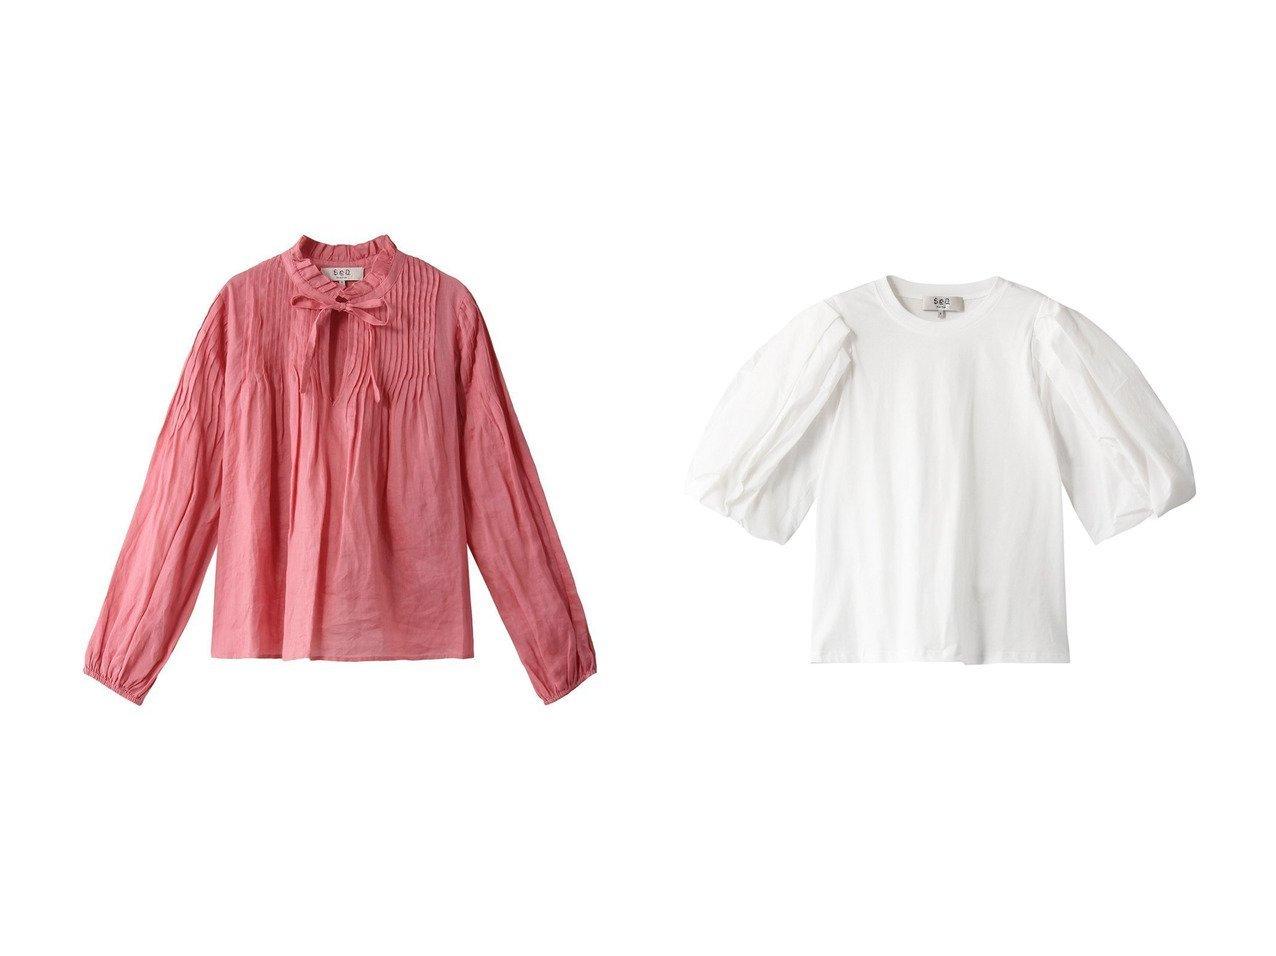 【Sea NEW YORK/シー ニューヨーク】のHattie ラミーロングスリーブピンタックブラウス&Nadja タフタスリーブTシャツ トップス・カットソーのおすすめ!人気、トレンド・レディースファッションの通販 おすすめで人気の流行・トレンド、ファッションの通販商品 メンズファッション・キッズファッション・インテリア・家具・レディースファッション・服の通販 founy(ファニー) https://founy.com/ ファッション Fashion レディースファッション WOMEN トップス Tops Tshirt シャツ/ブラウス Shirts Blouses 帽子 Hats ロング / Tシャツ T-Shirts カットソー Cut and Sewn 2021年 2021 2021 春夏 S/S SS Spring/Summer 2021 S/S 春夏 SS Spring/Summer エアリー スリット スリーブ リネン リボン ロング 春 Spring |ID:crp329100000013103